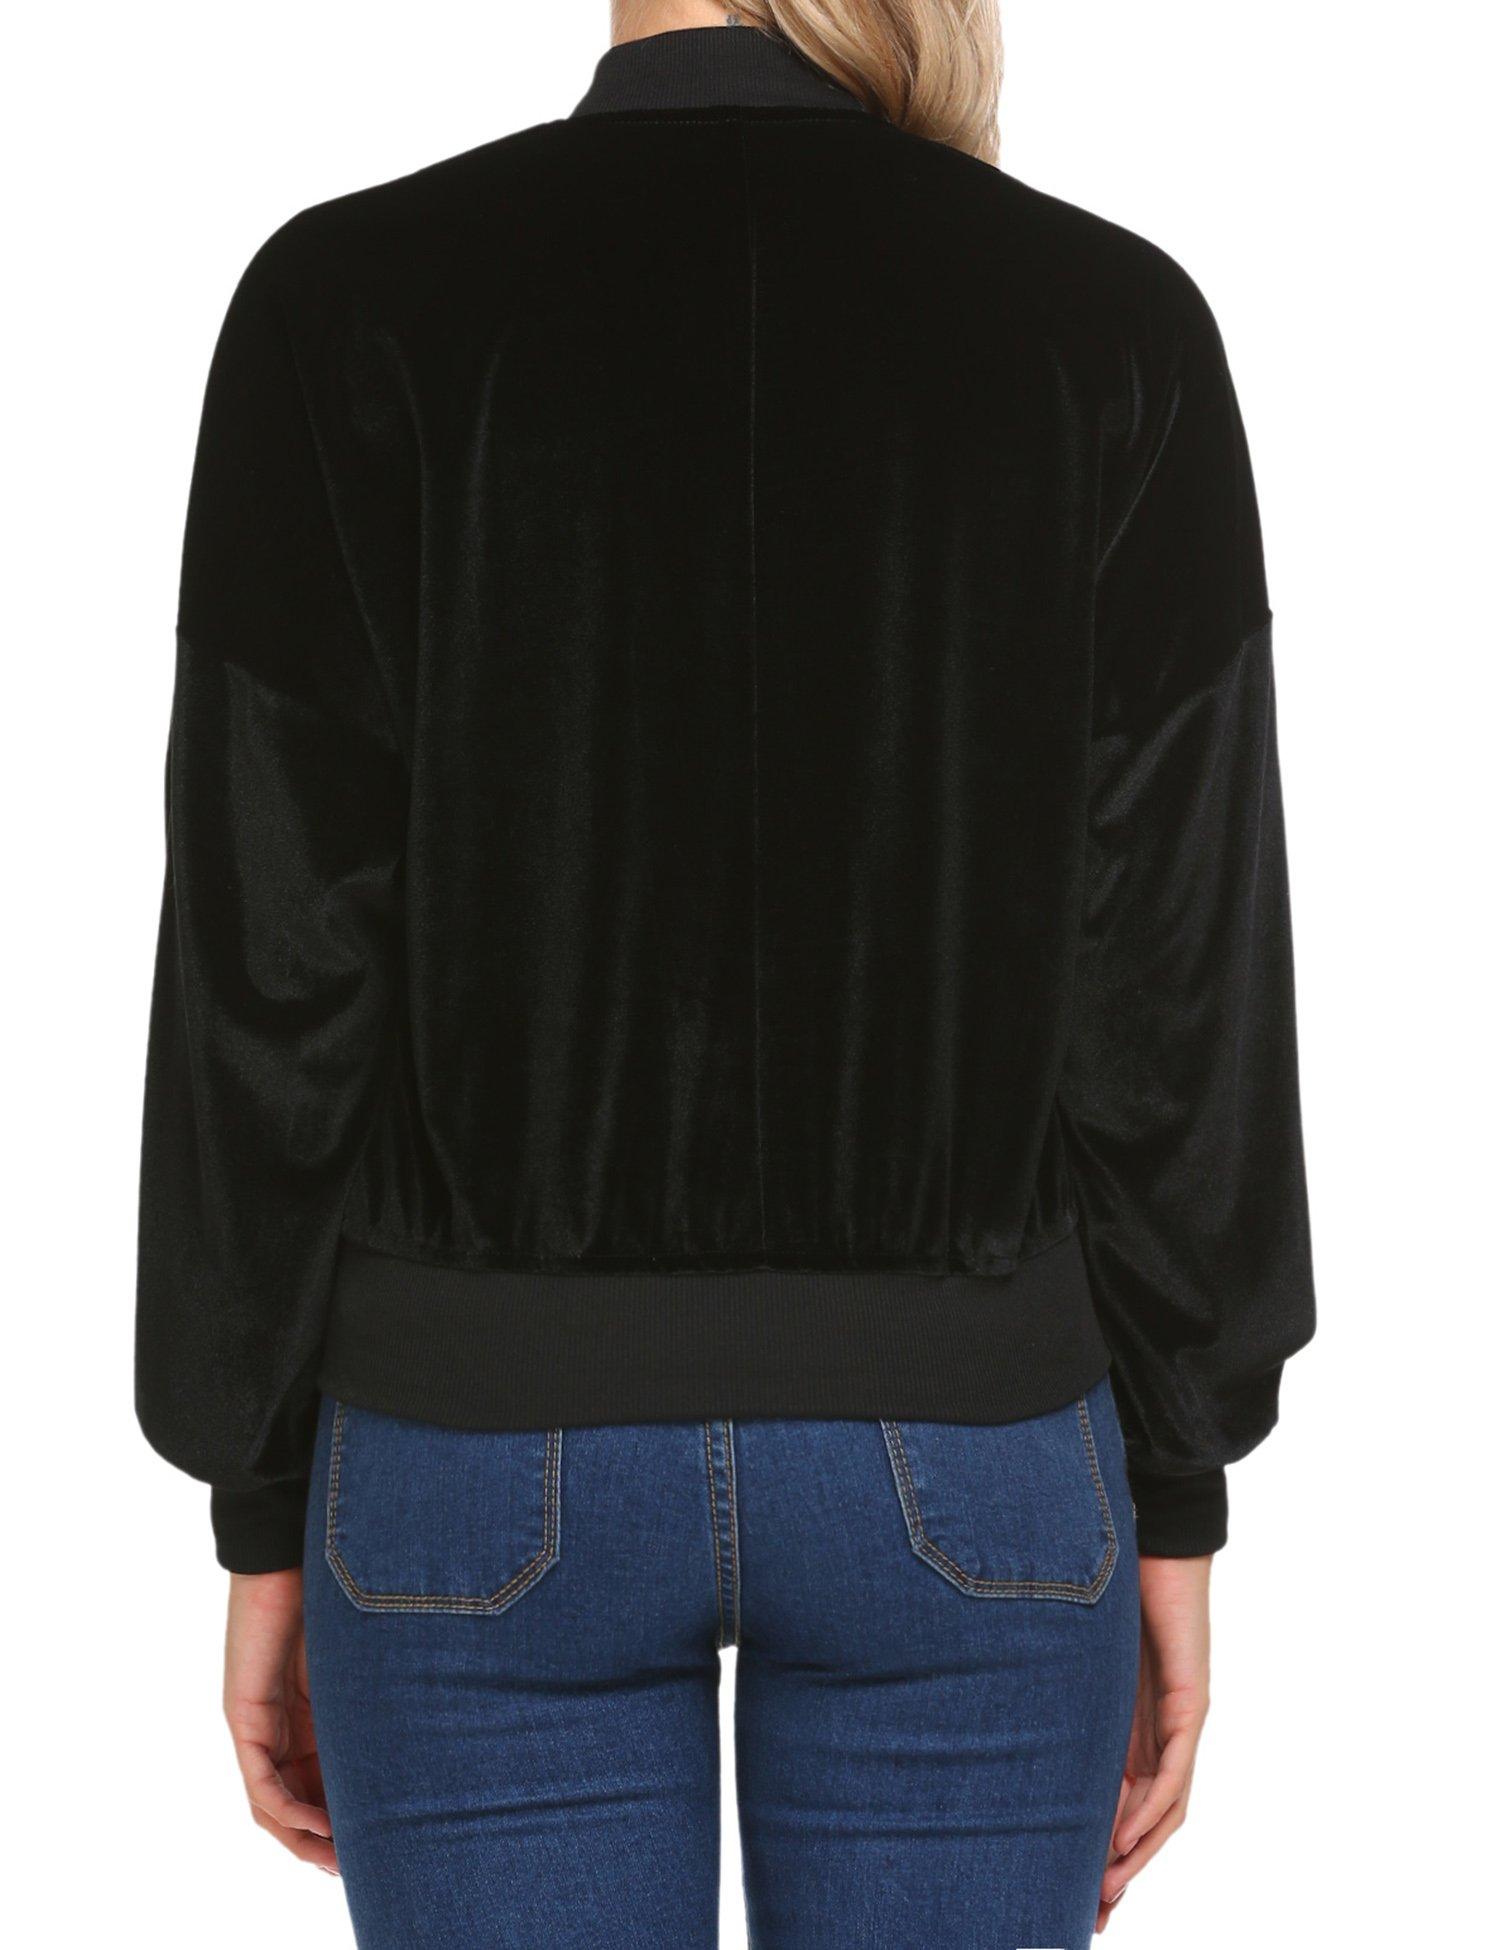 Beyove Women's Lightweight Velvet Coat Hooded Active Outdoor Windbreaker Jacket Black S by Beyove (Image #5)